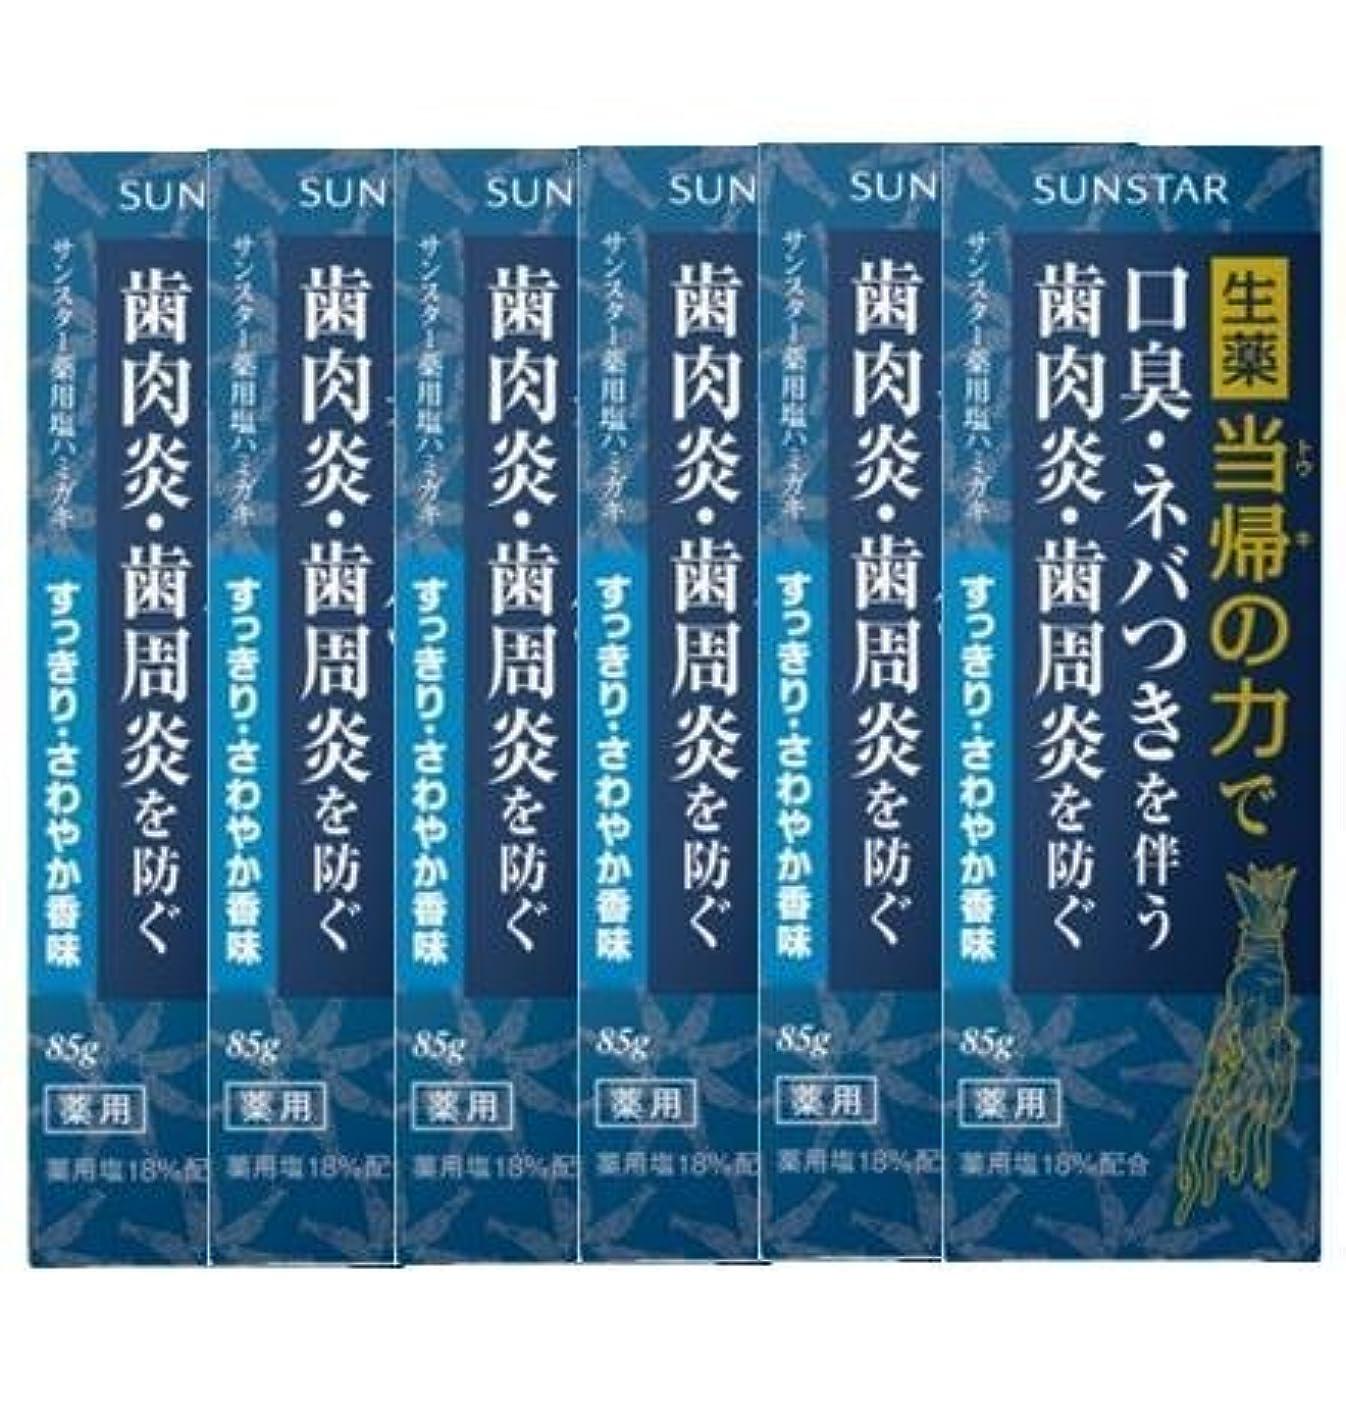 ベル尾キャンドル薬用ハミガキ 生薬 当帰の力 さわやか香味85g×6個セット